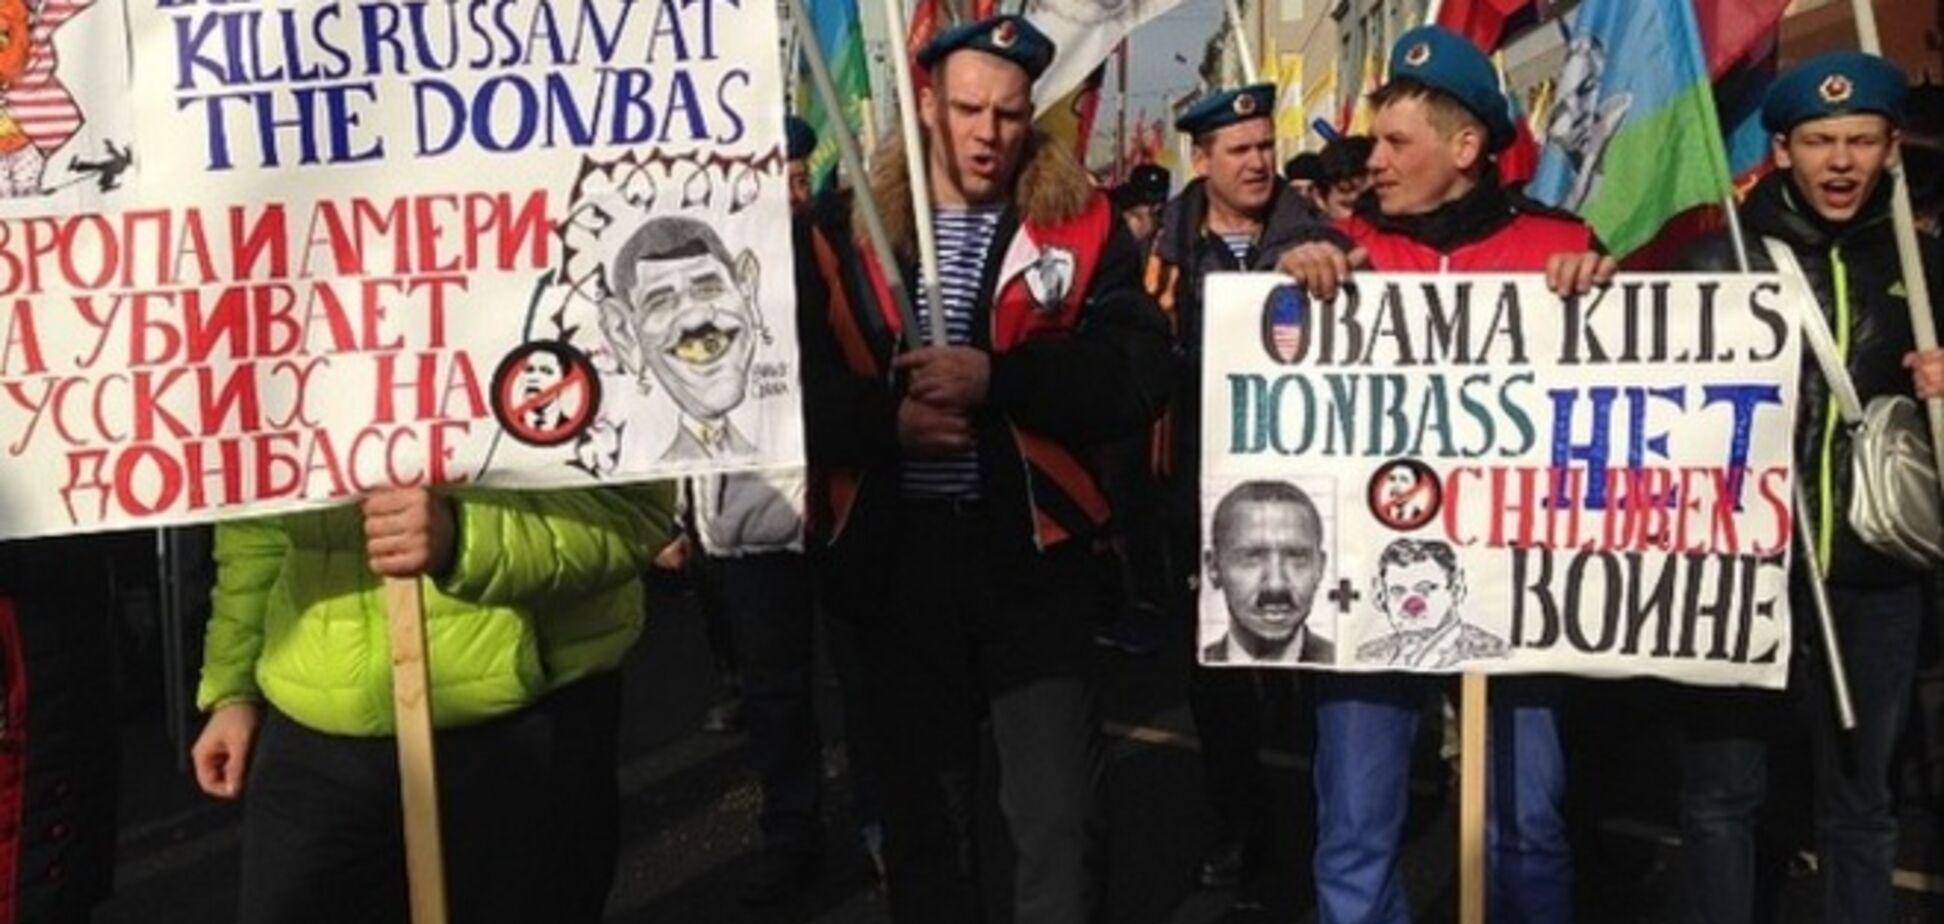 Собчак об акции 'Антимайдана' в Москве: это цирк проплаченных клоунов